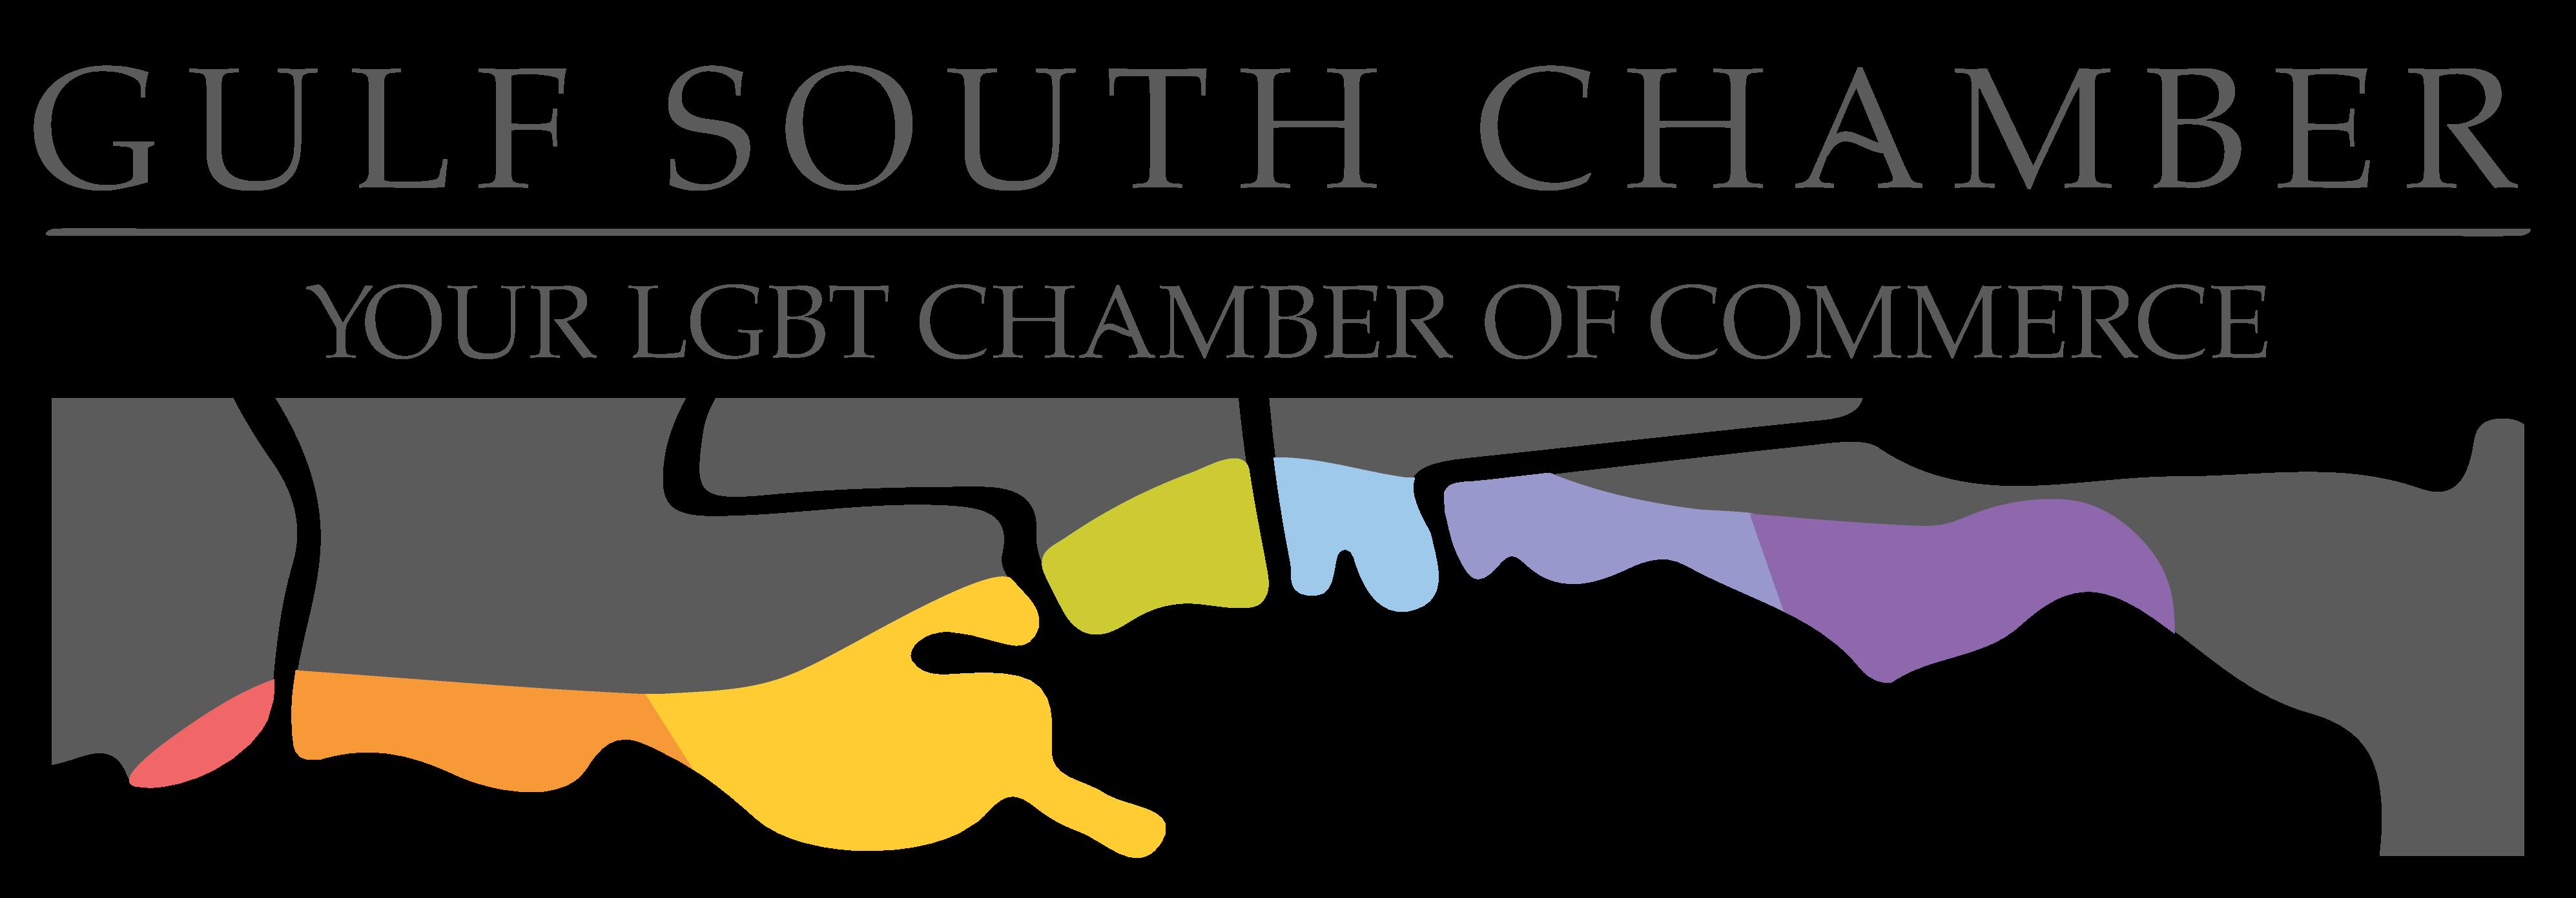 Gulf South Chamber